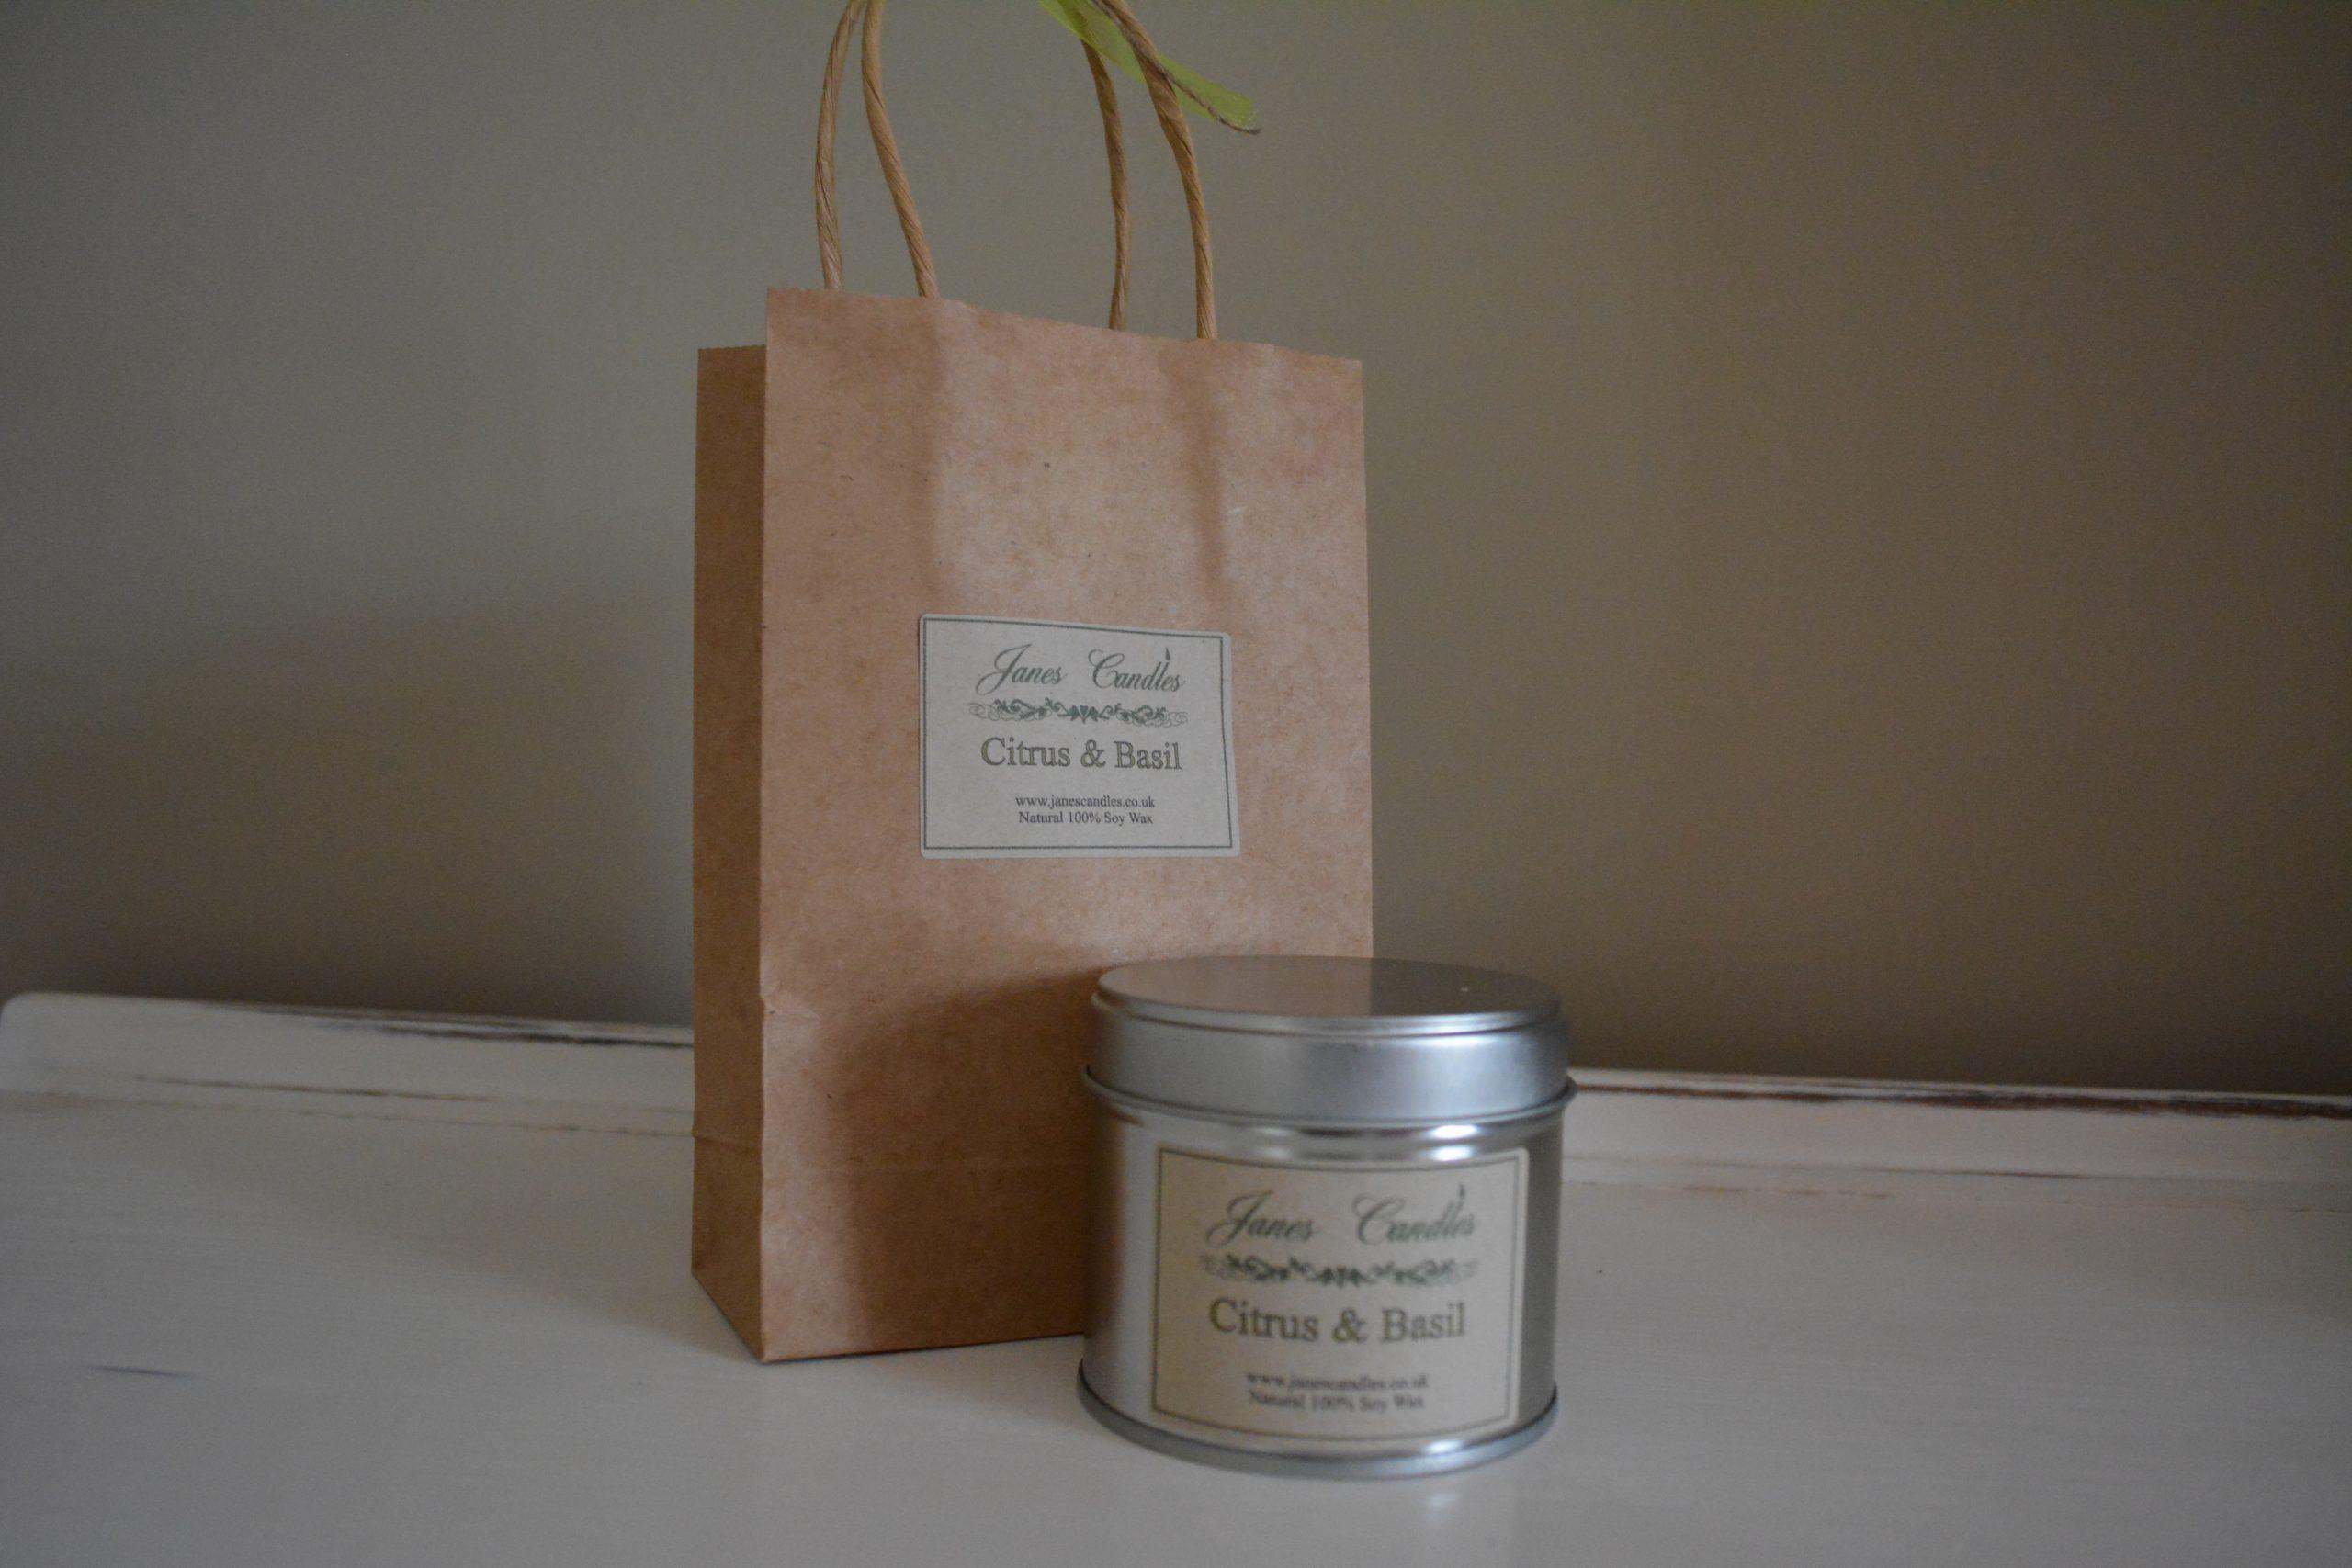 Citrus & Basil 30cl Tin Candle